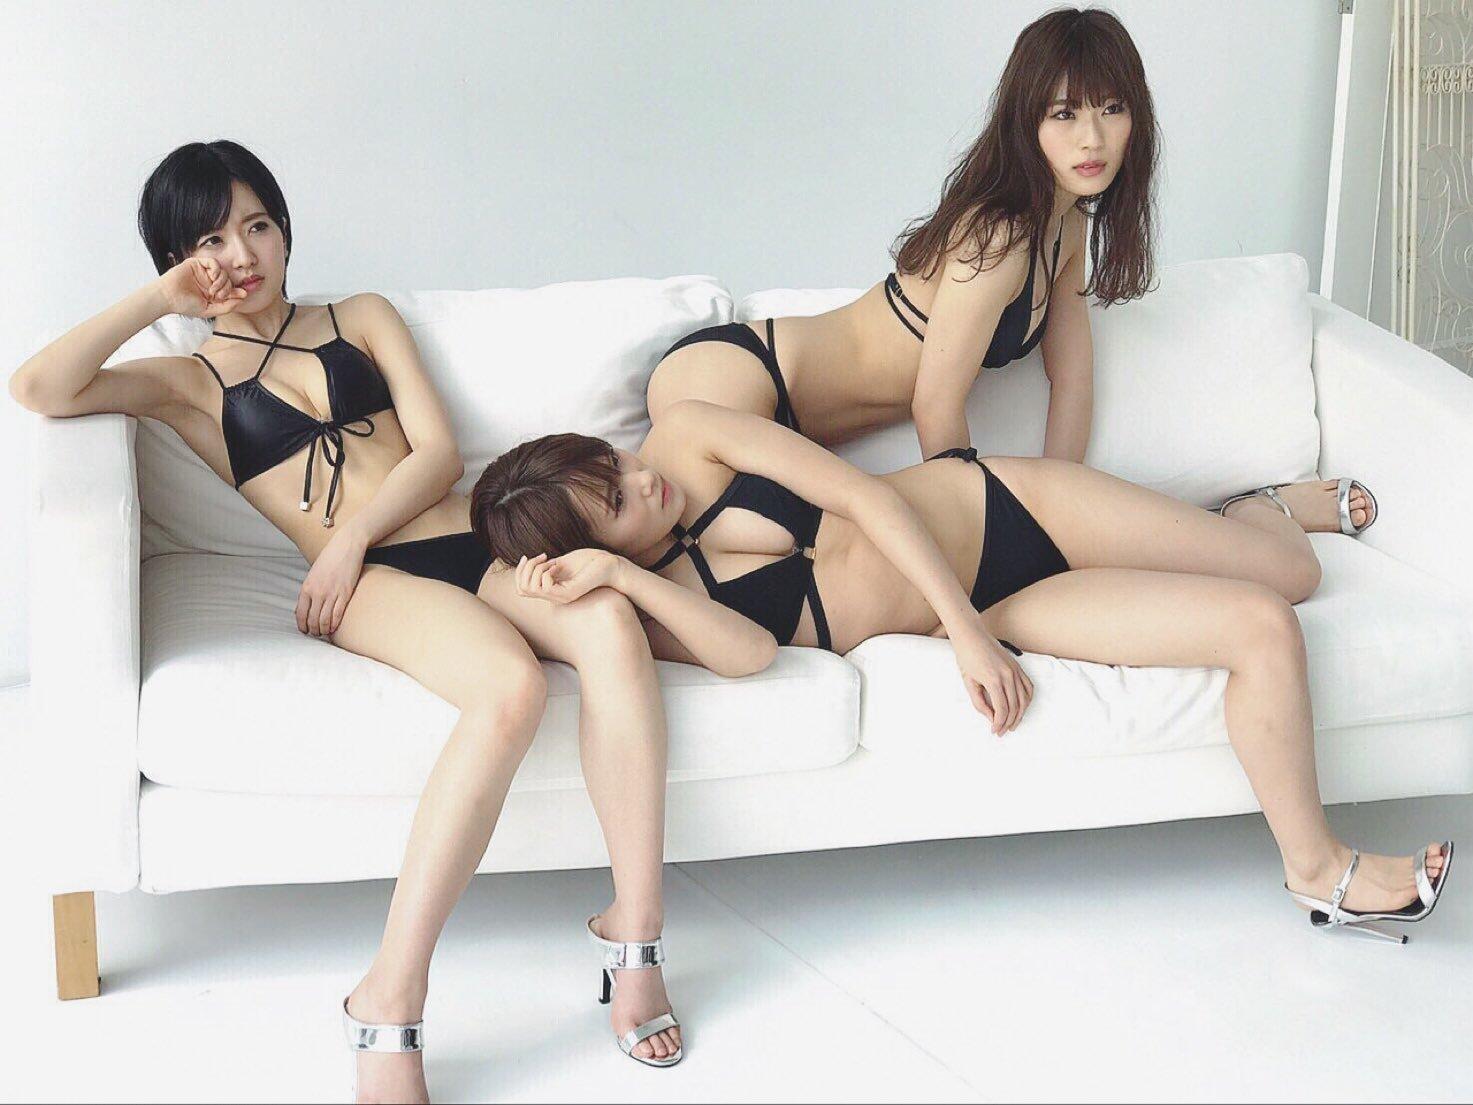 【画像あり】NMB48変態水着の継承者キタ━━━━(゚∀゚)━━━━!!